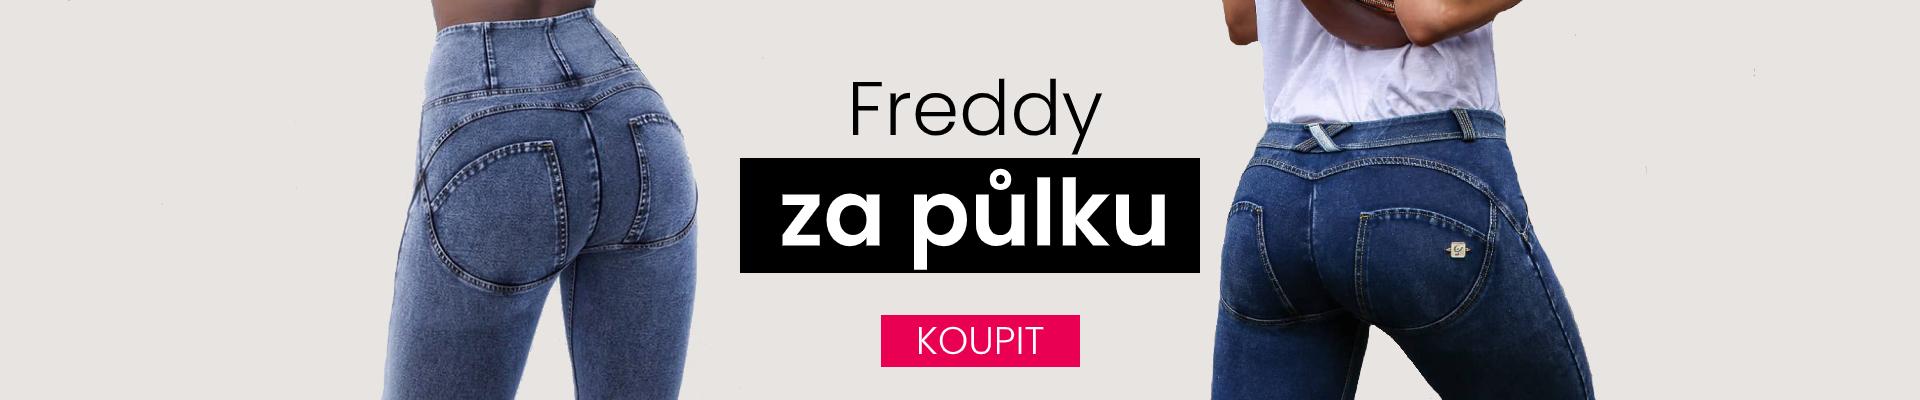 Freddy - Kalhoty - Banner